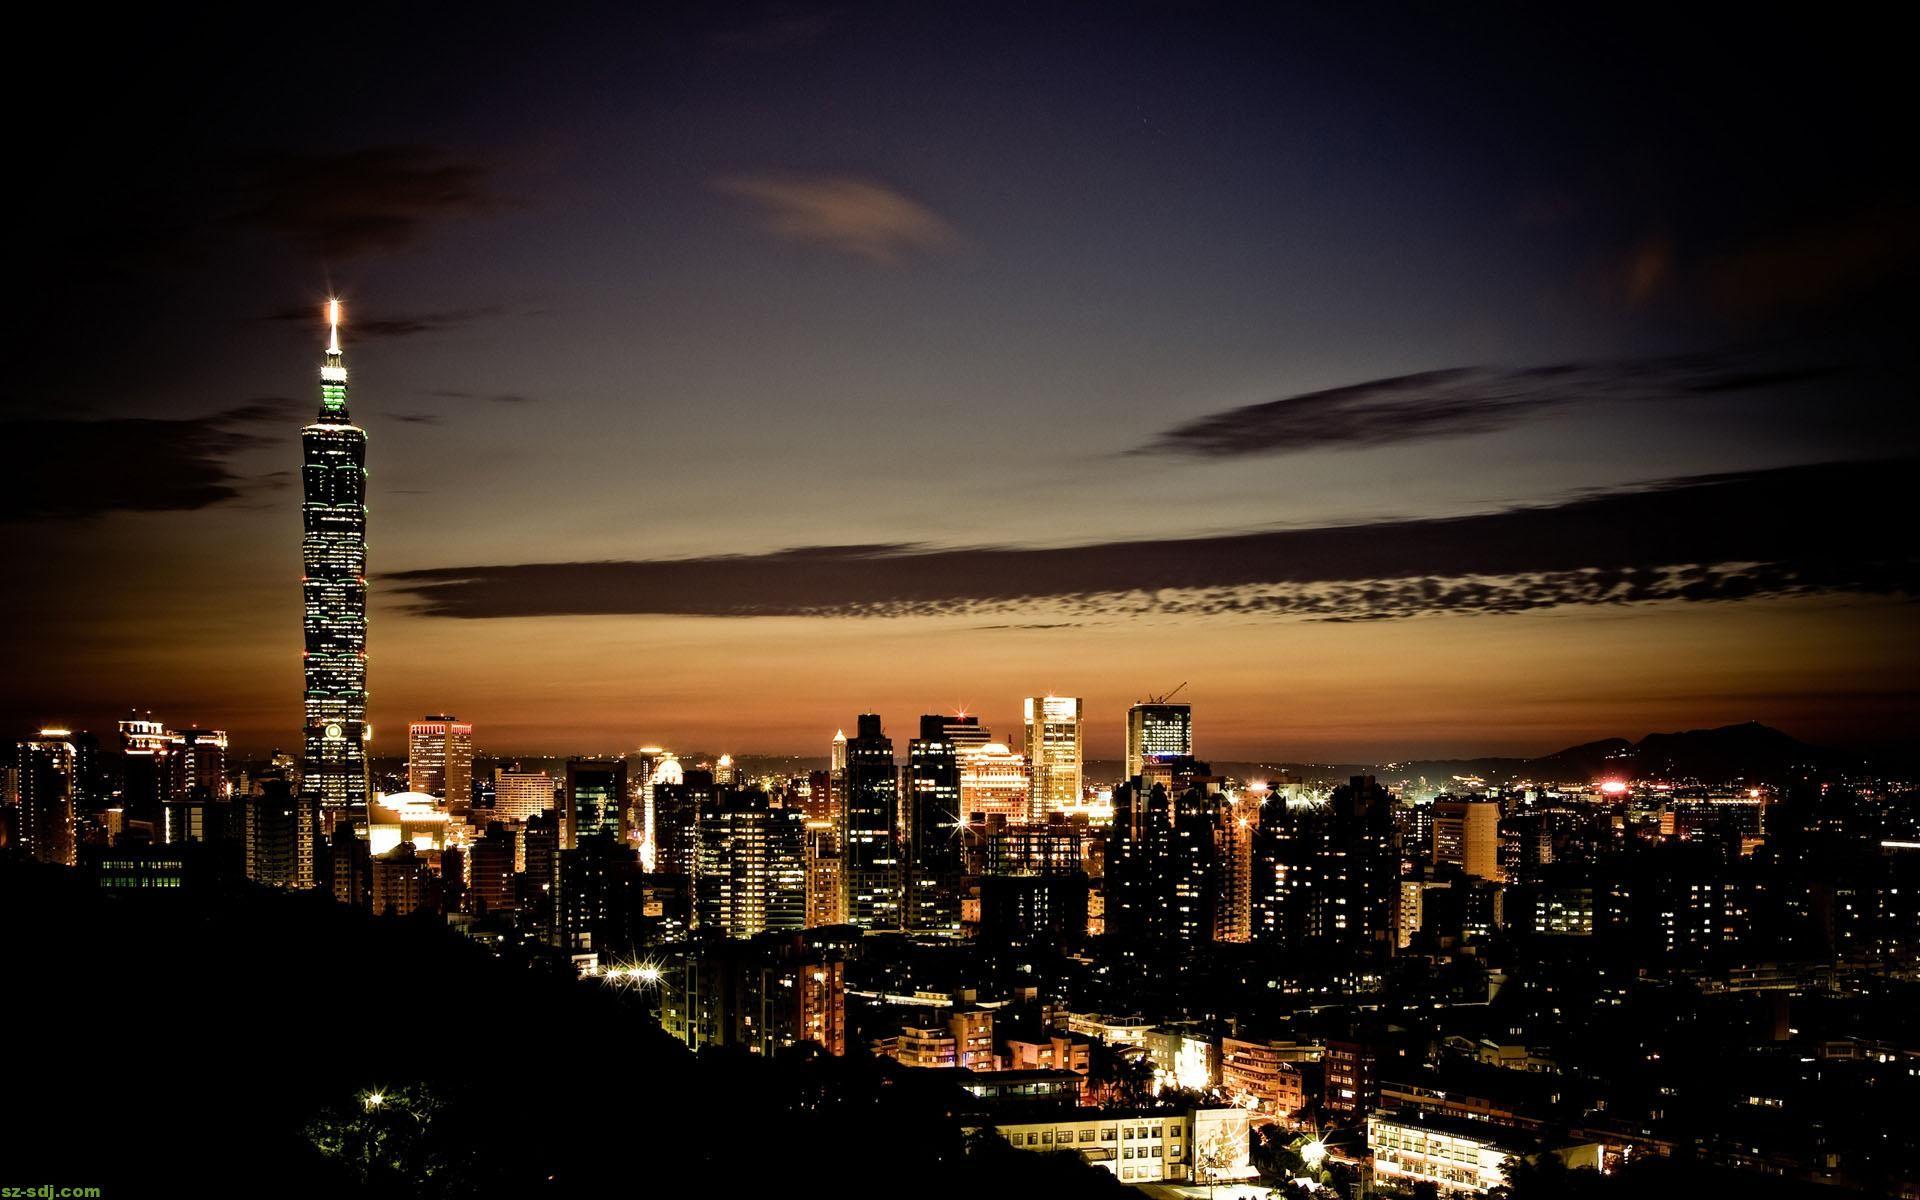 Wonderful Wallpaper Night Landscape - 7d57fd93d23847c946c505527977f935  Pic-611651.jpg